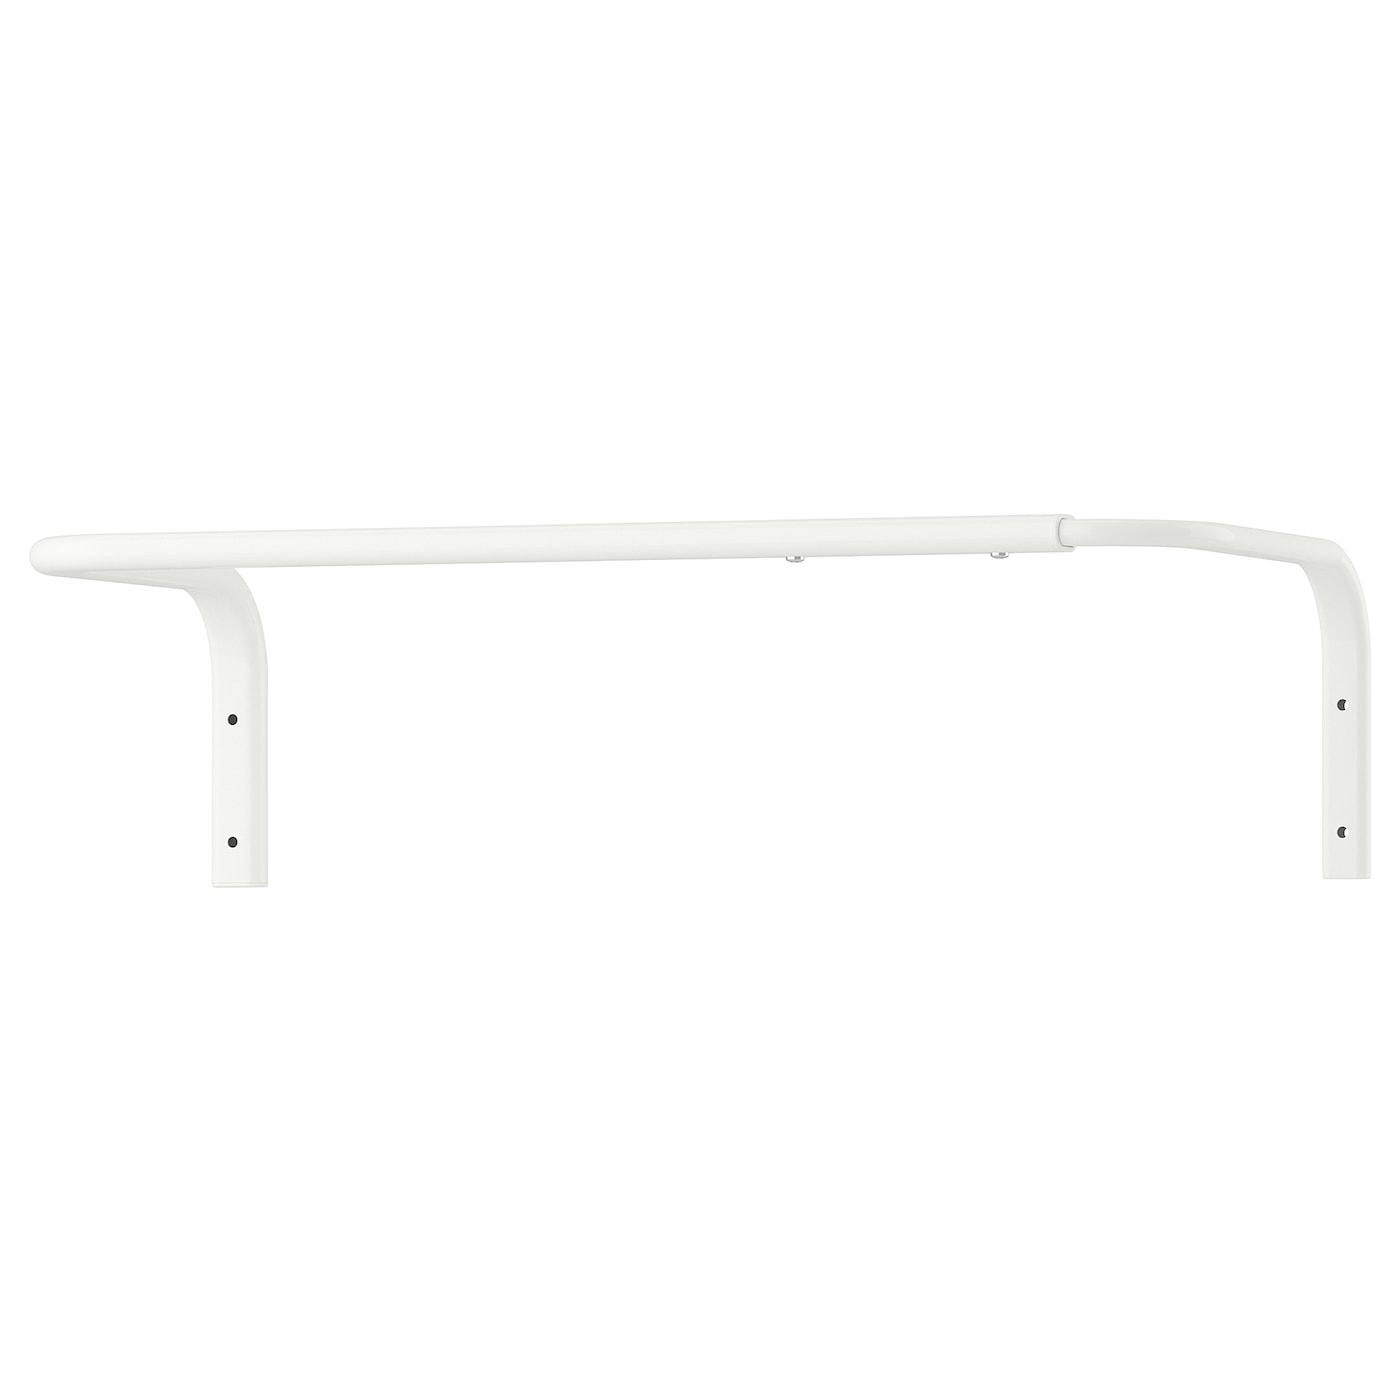 MULIG Kleiderstange - weiß - 60-90 cm breit - IKEA Deutschland